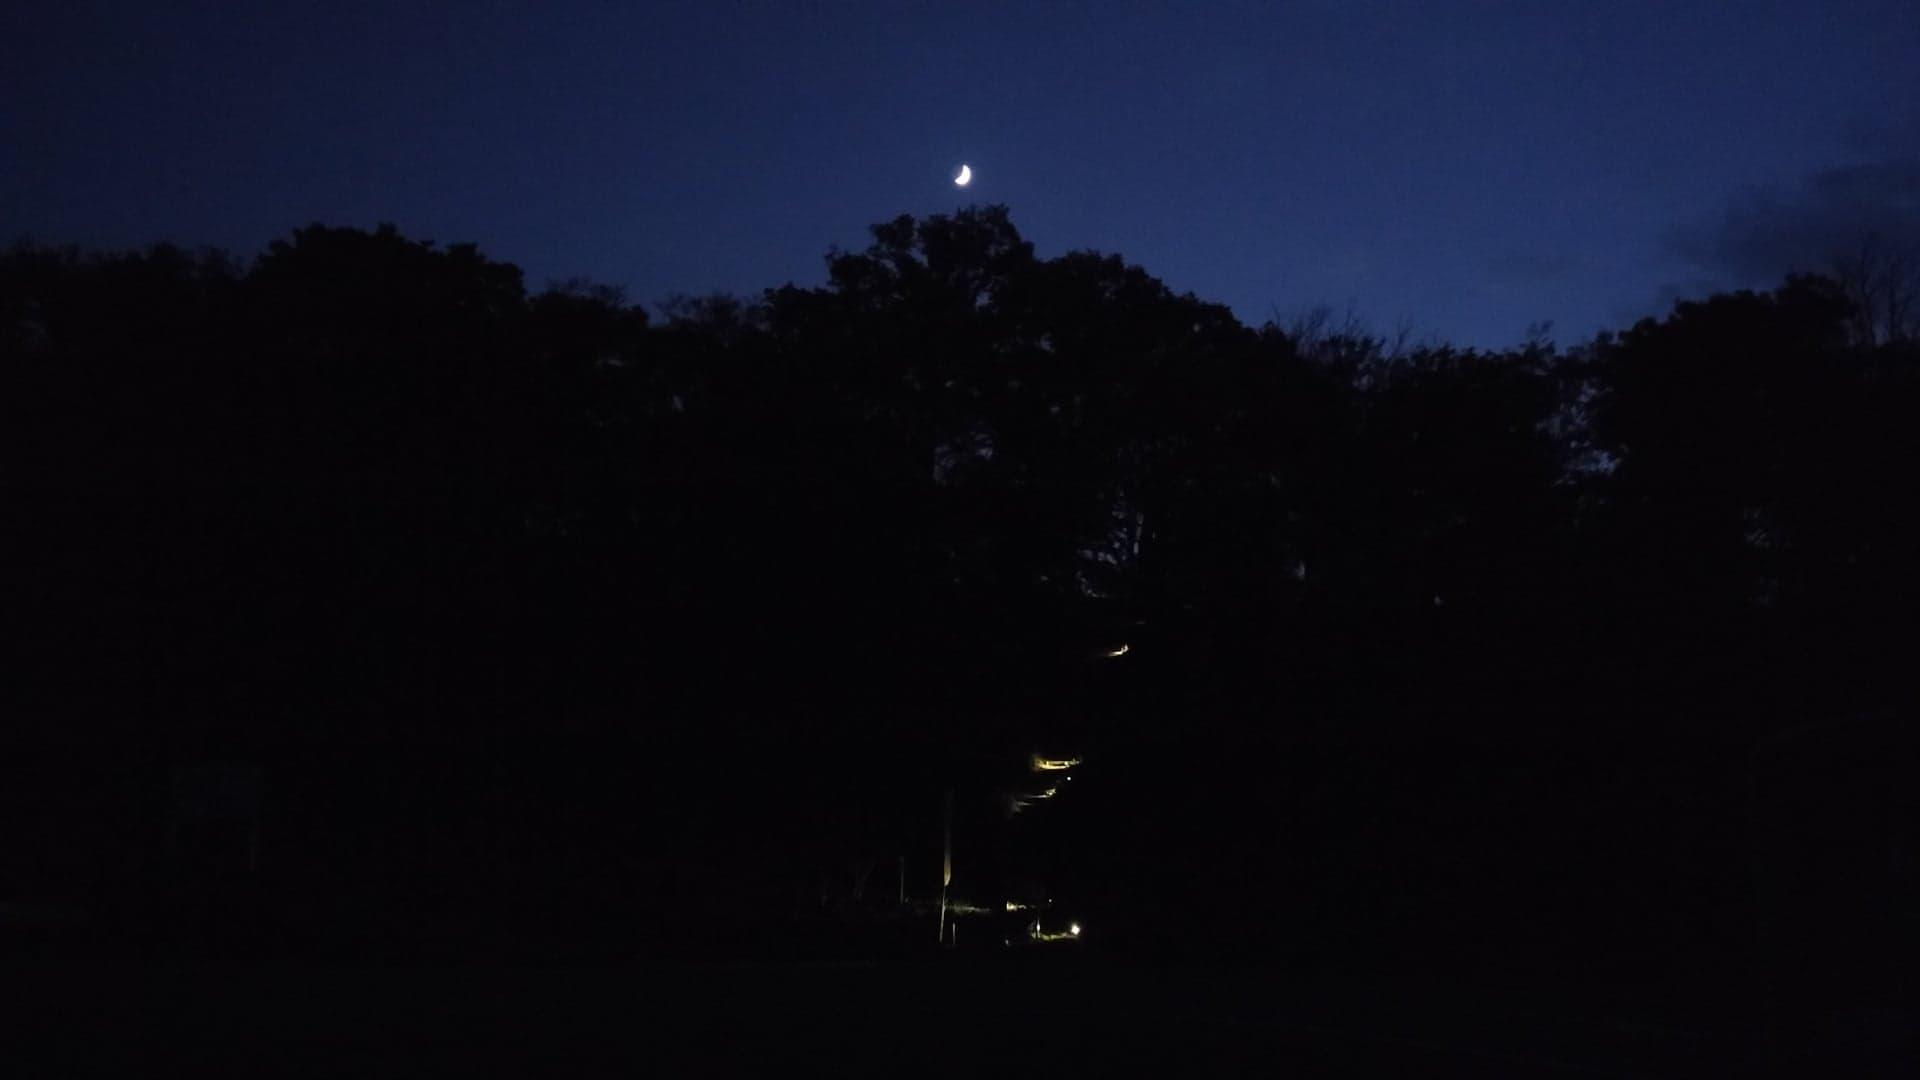 渡部睦子作品「星見るひとたちと出会う旅」特別鑑賞プログラム